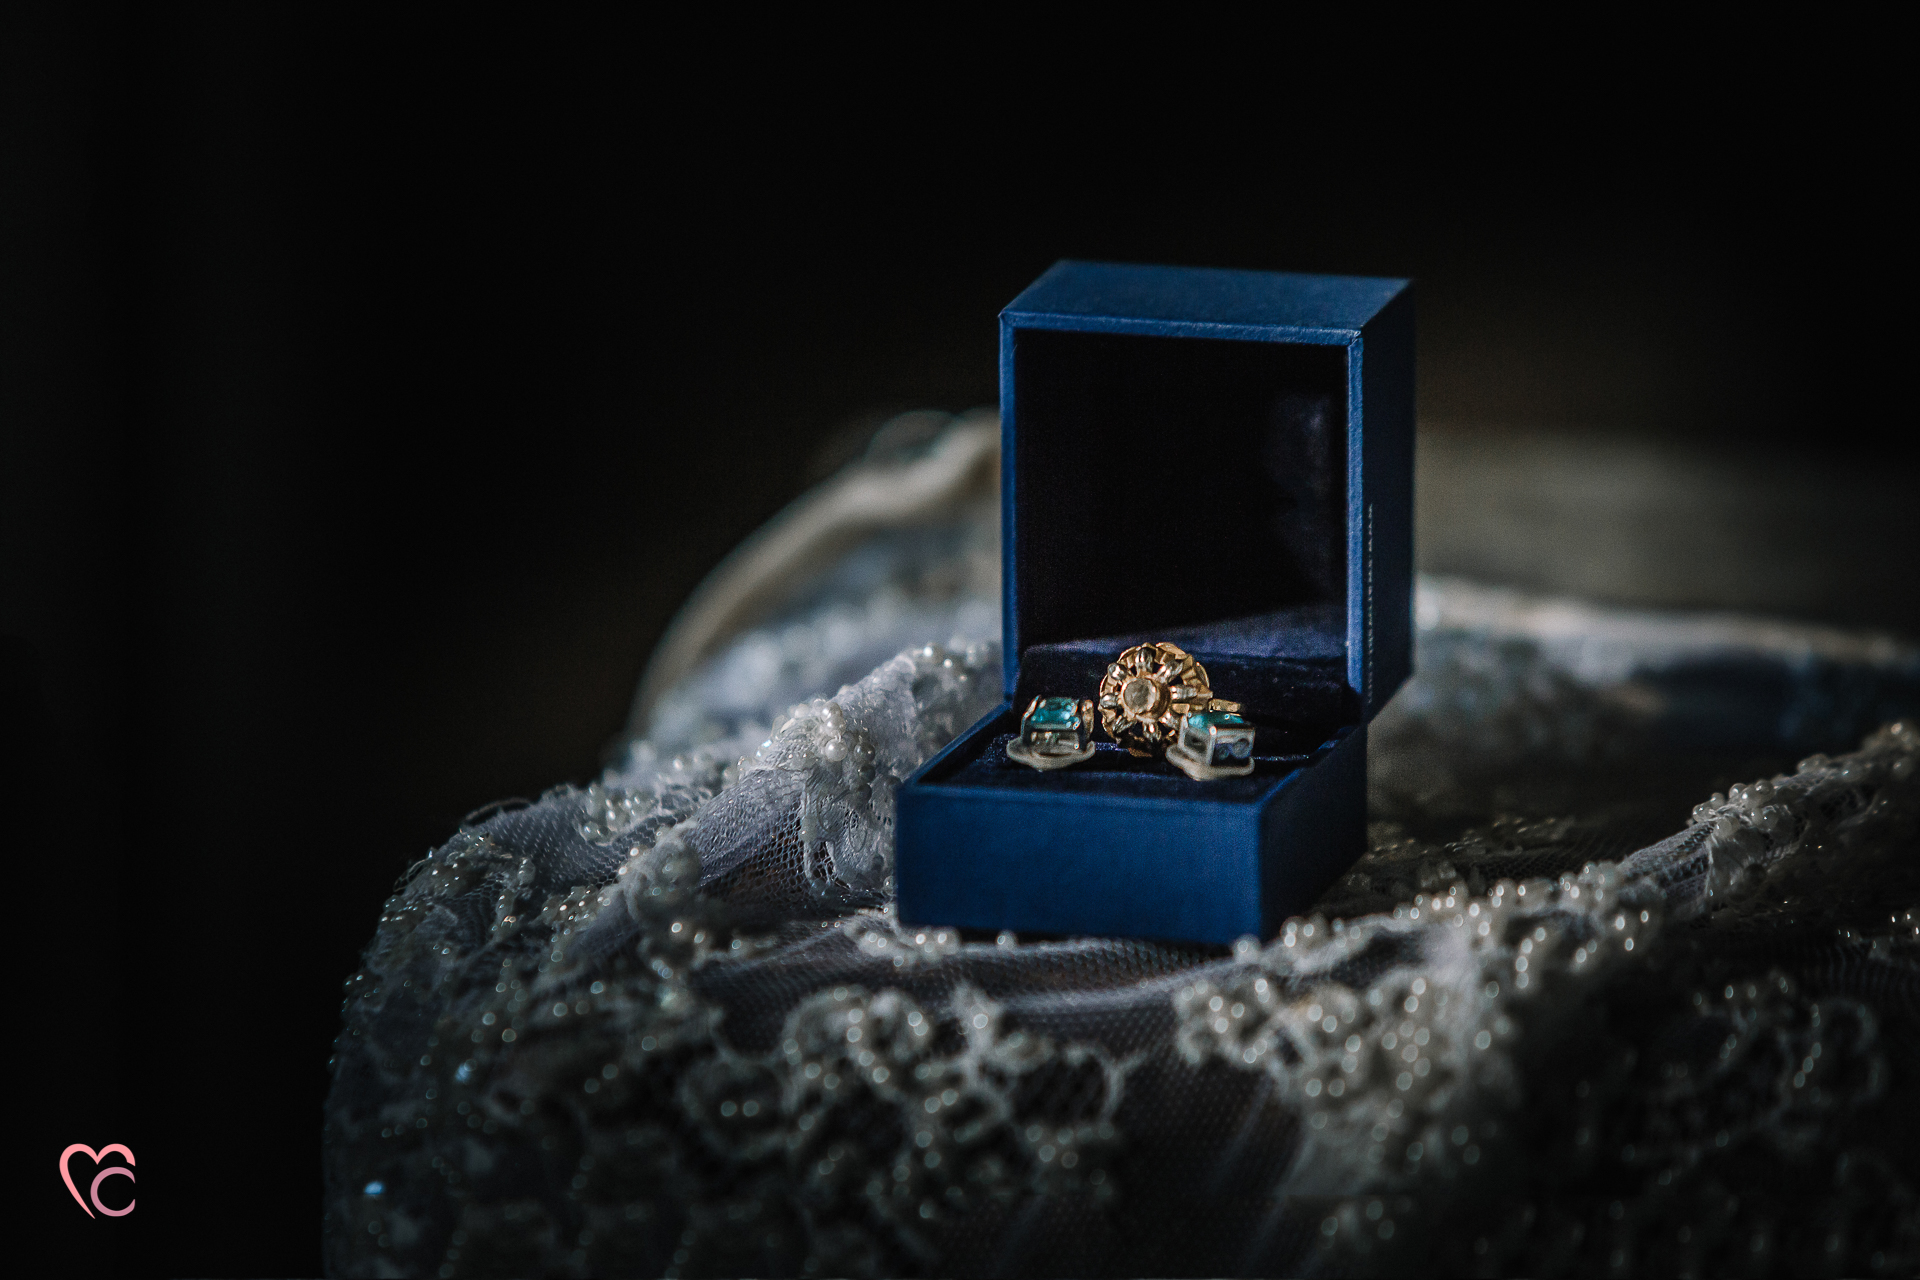 sposa eterea, cherry blossom inspirations, Mulino della torre,Riva presso Chieri, primavera, fiori di ciliegio,bouquet,anello antico, chiaroscuro